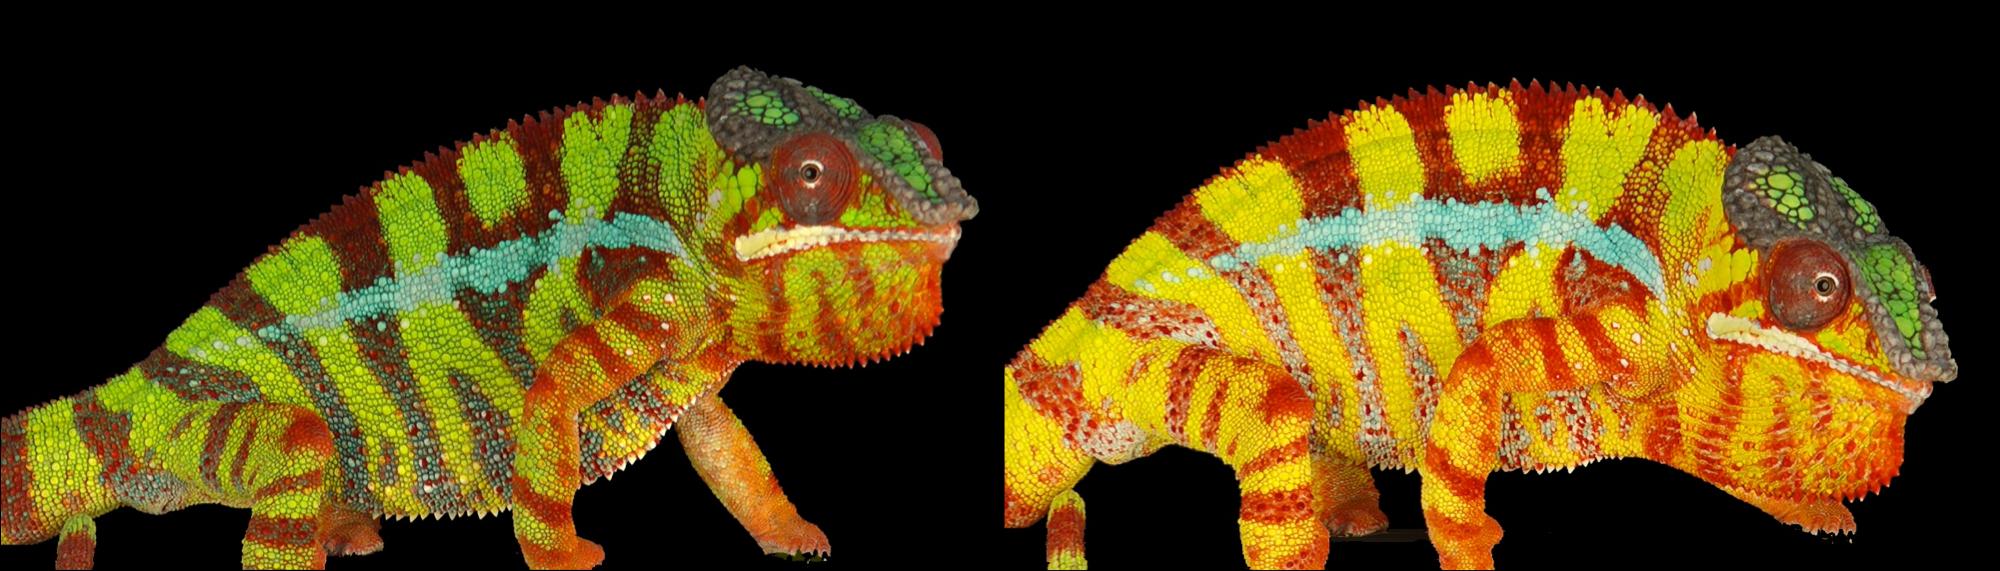 Картинки меняющие цвет при открытии